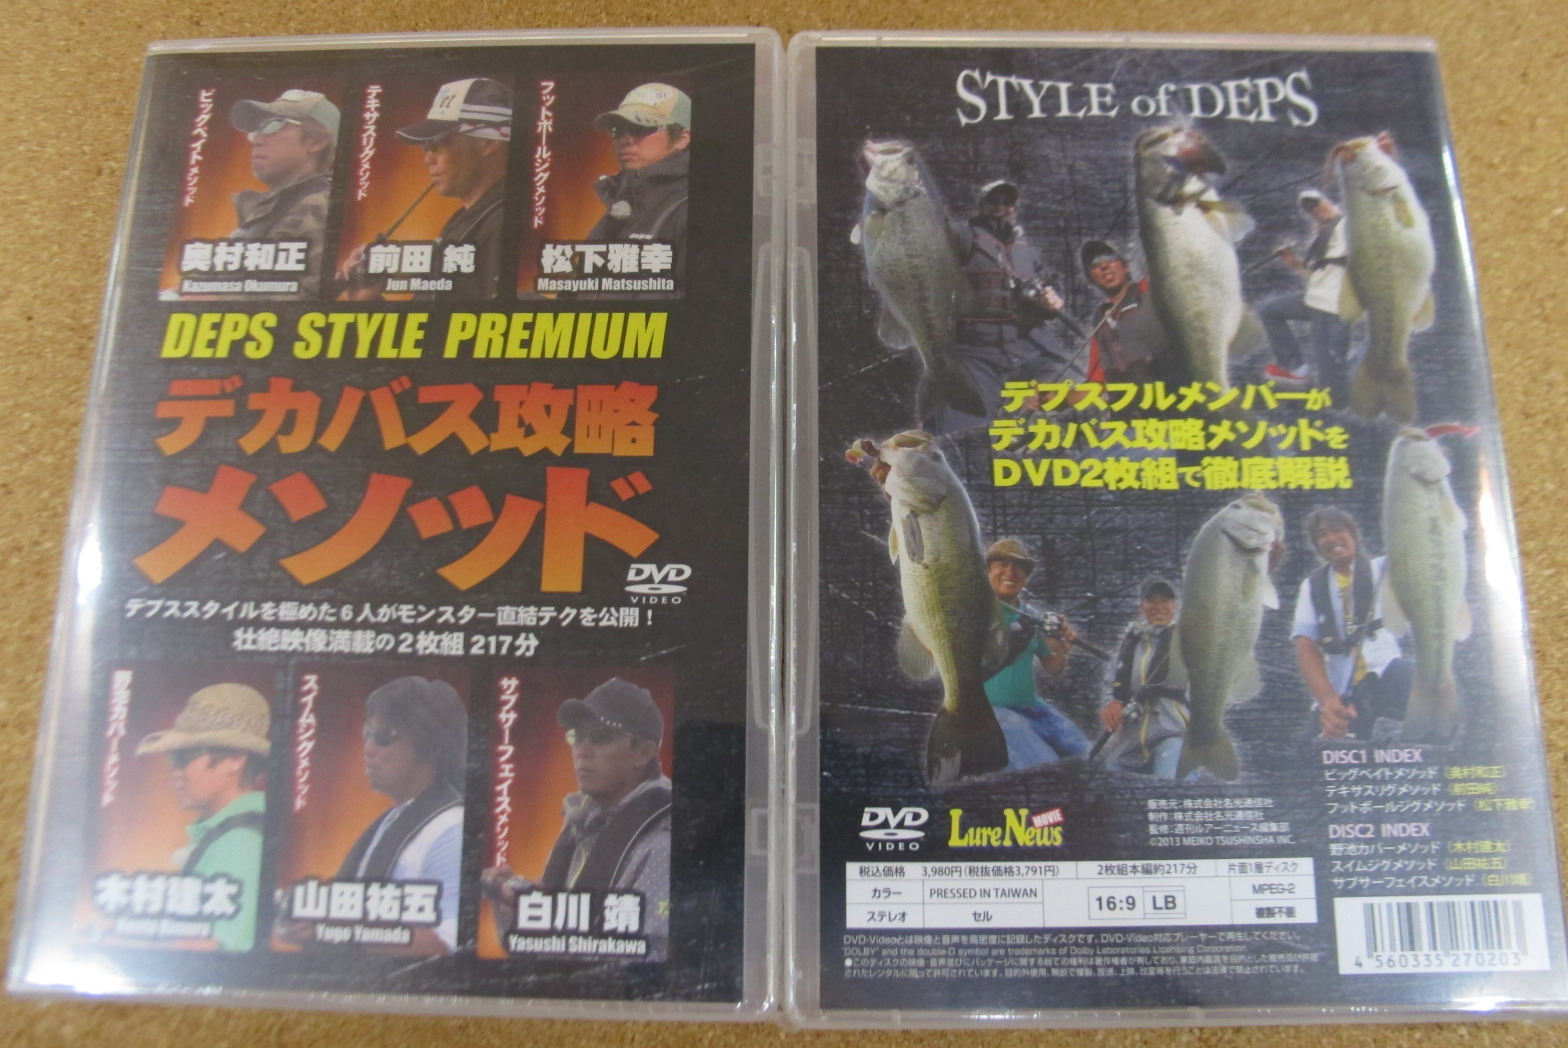 ルアーニュース depsスタイルプレミア  2枚組DVD_a0153216_1837840.jpg